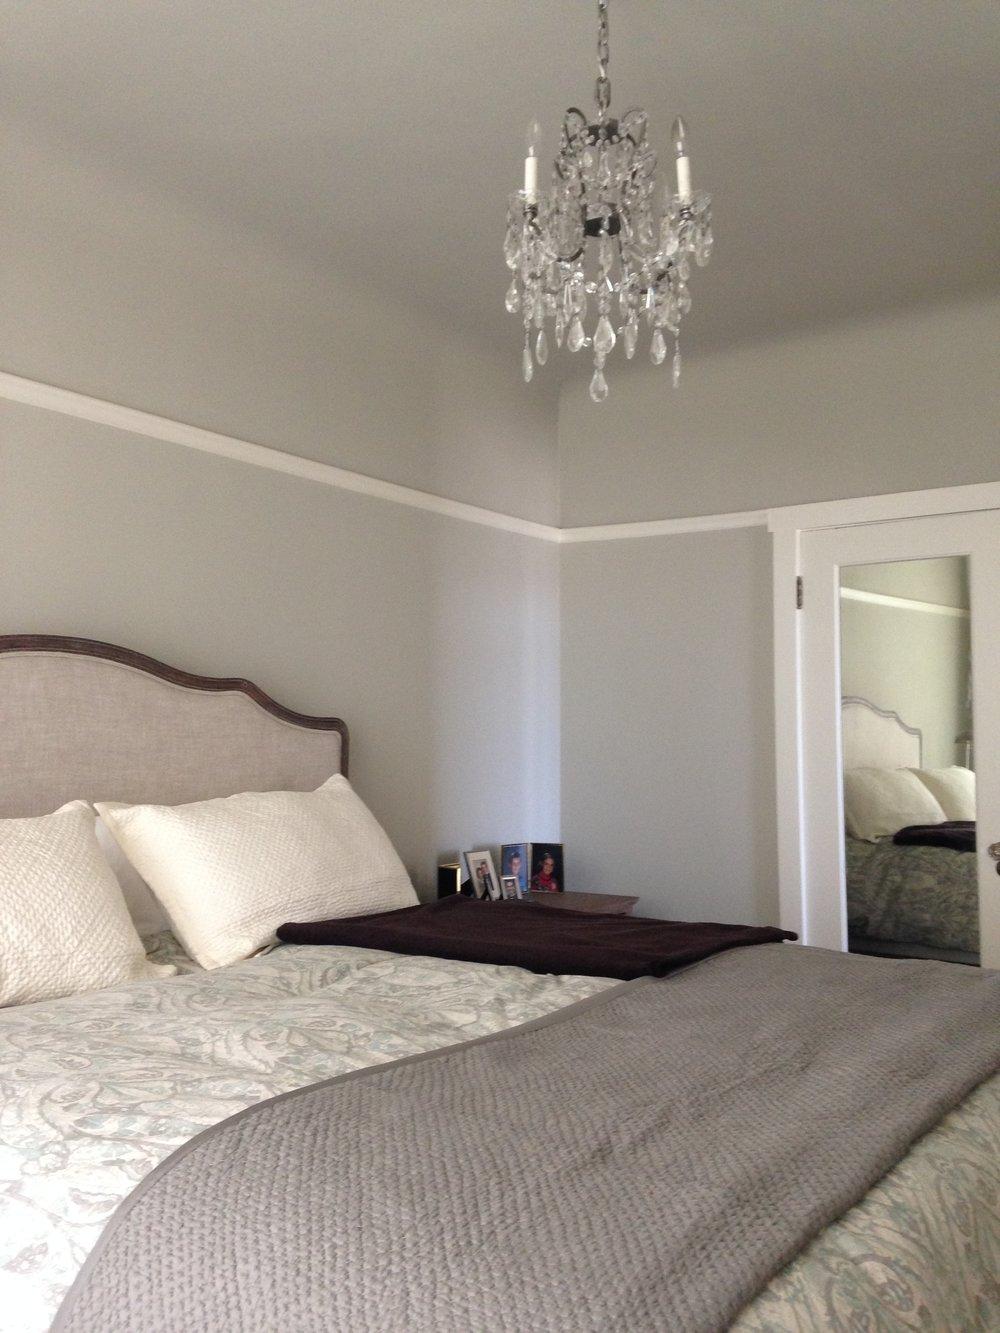 Bedroom Interior Design | Russian Hill San Francisco, CA